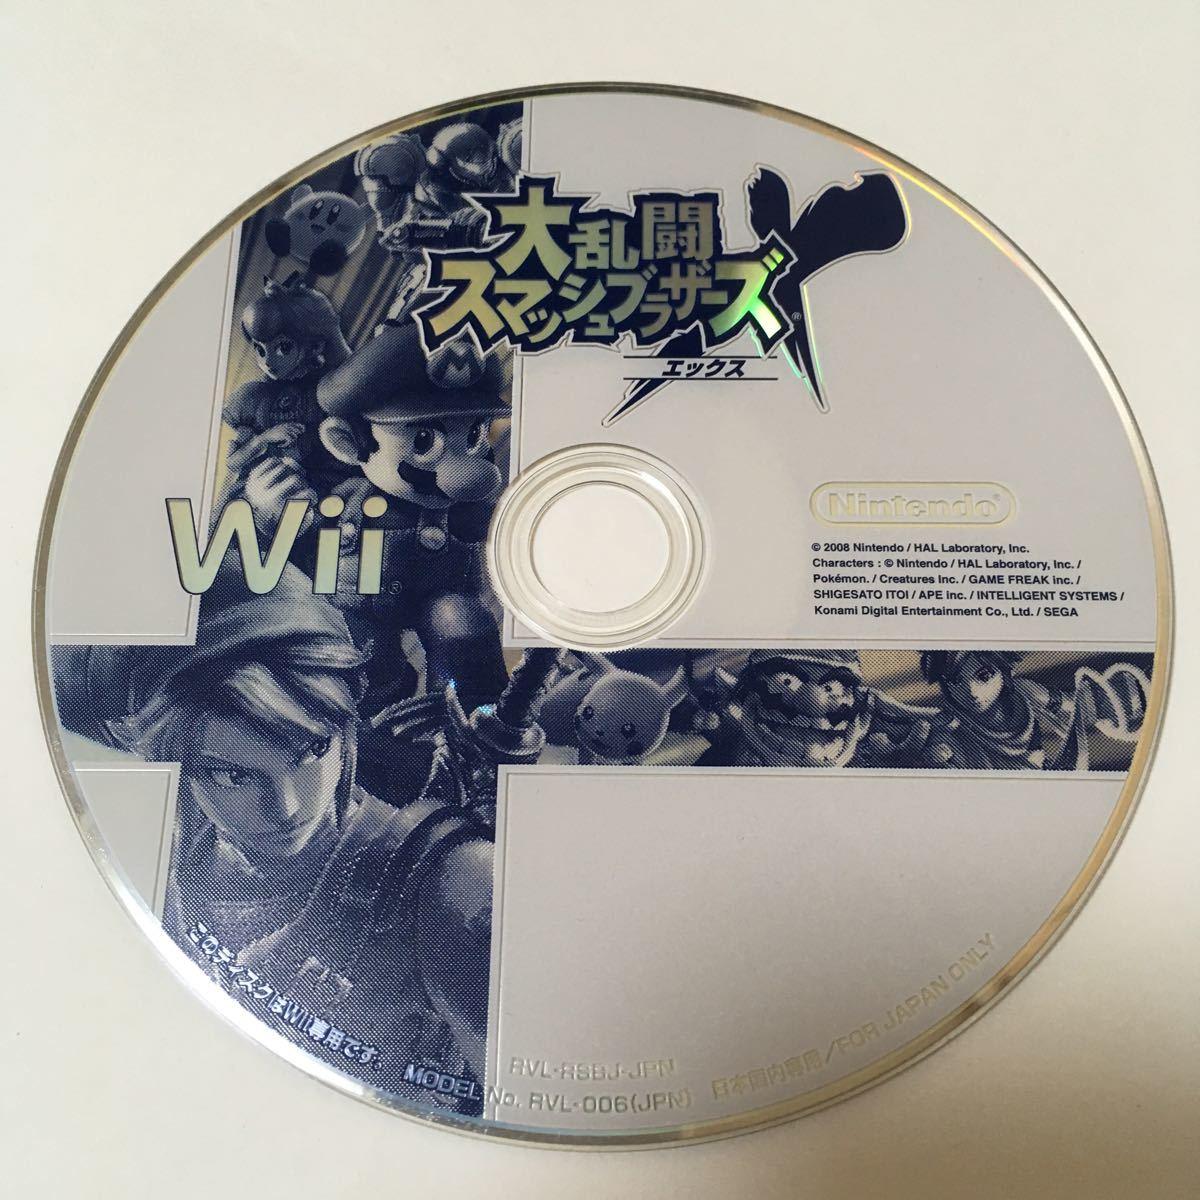 Wii ソフト 大乱闘スマッシュブラザーズX スマブラ 任天堂 動作未確認 ジャンク マリオ ピカチュウ ゼルダ ソニック